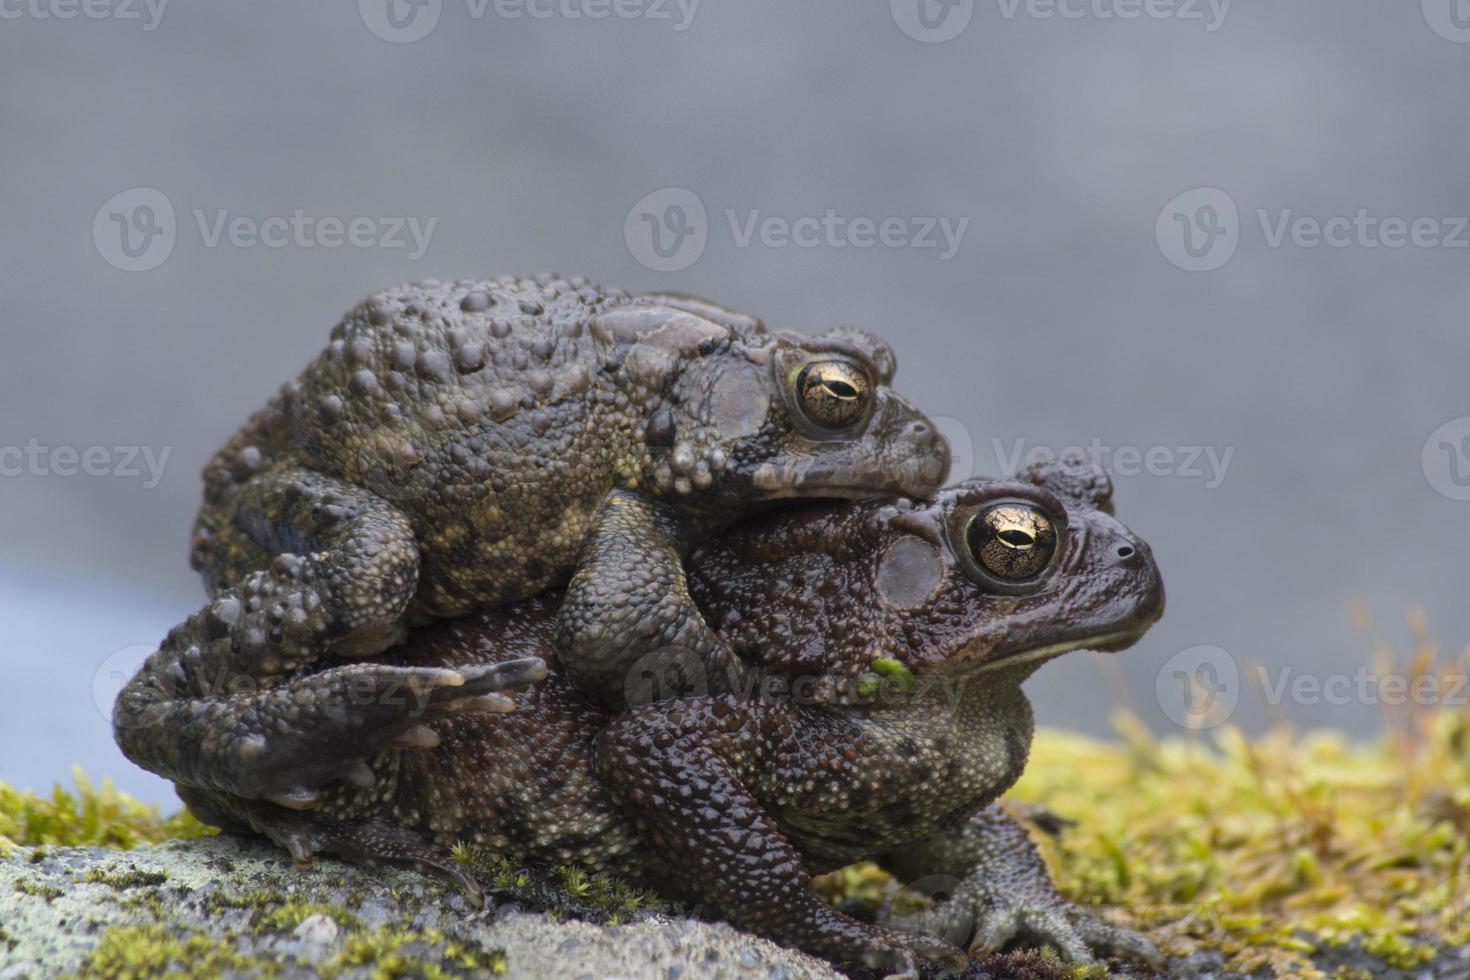 dois sapos acasalando em uma pedra coberta de musgo. foto